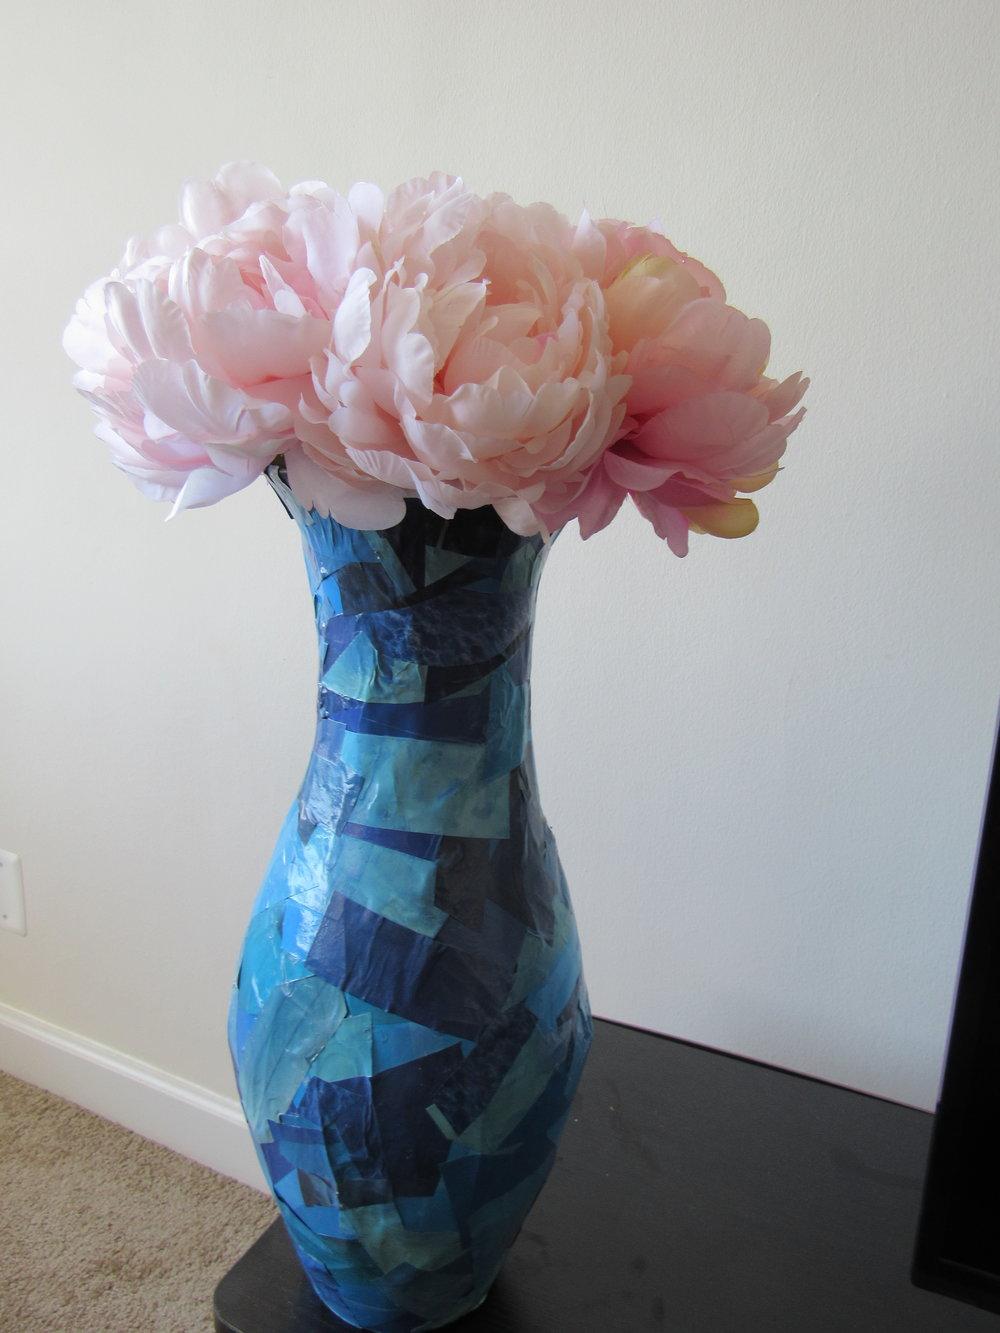 Good Flower and Vase Shot.JPG